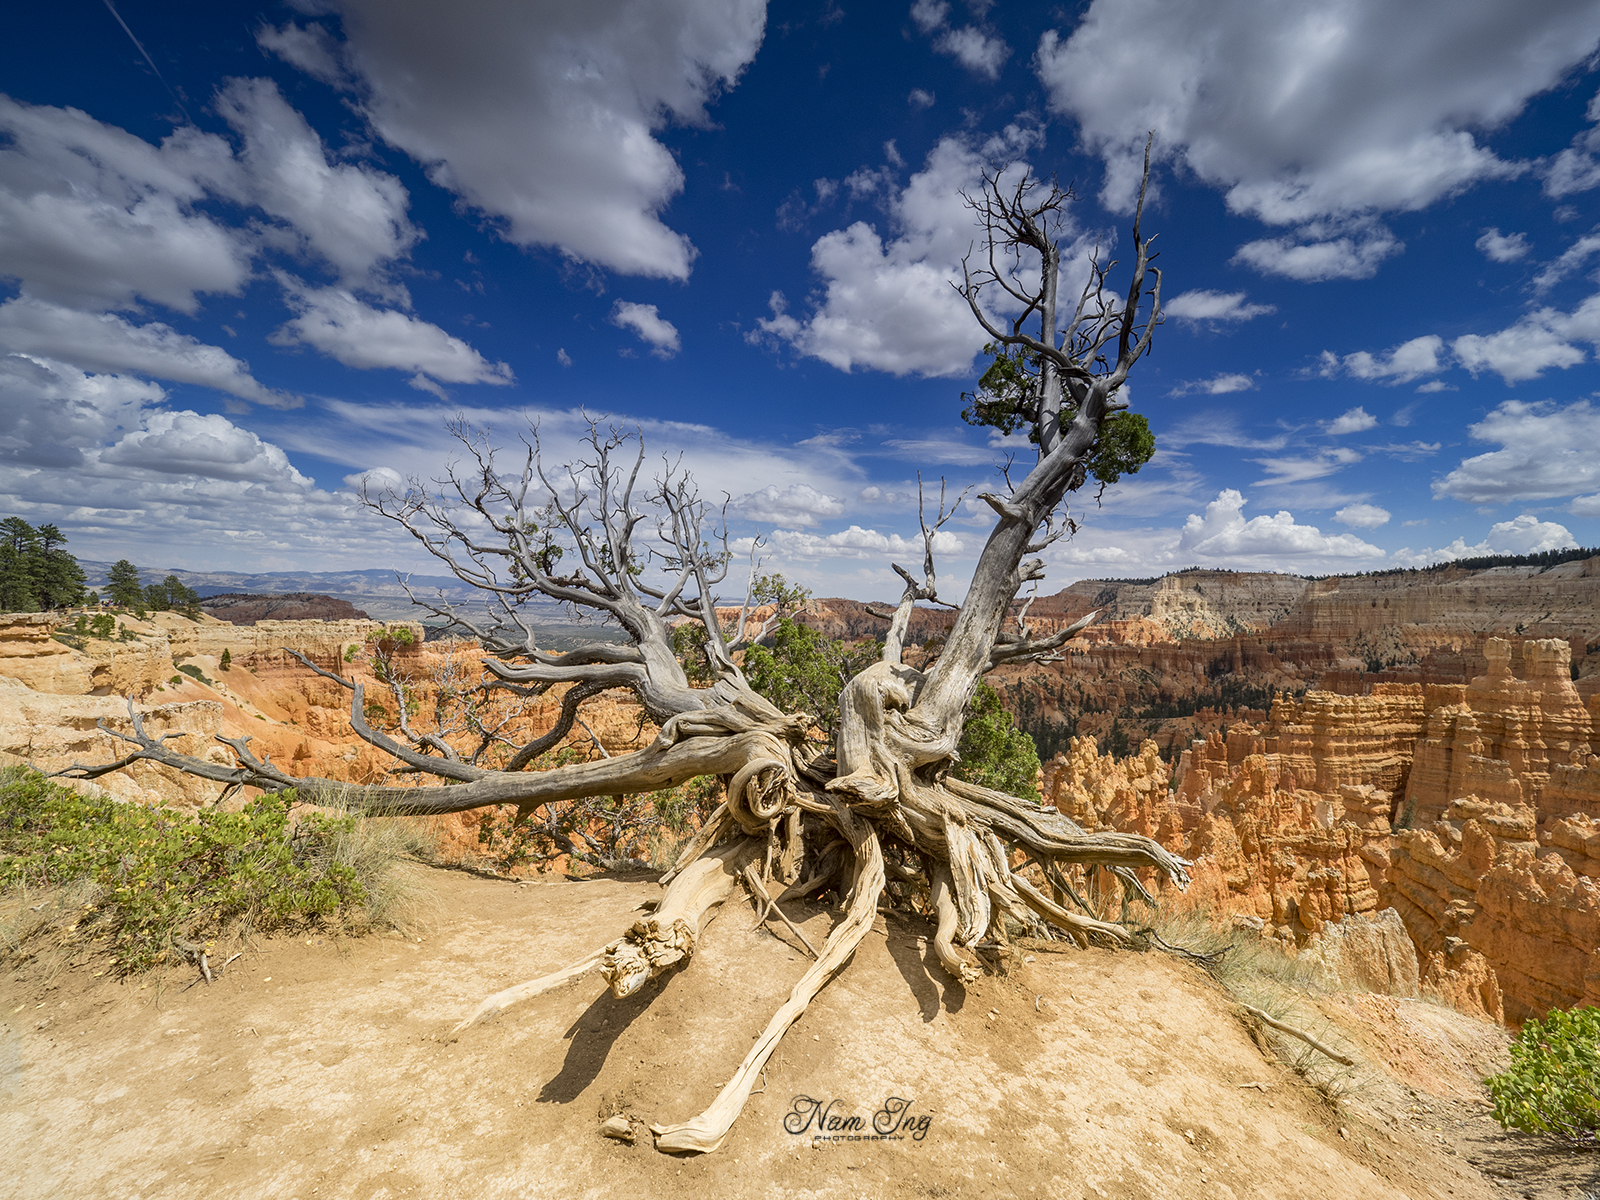 Bryce Canyon [1600x1200] (by Nam Ing)